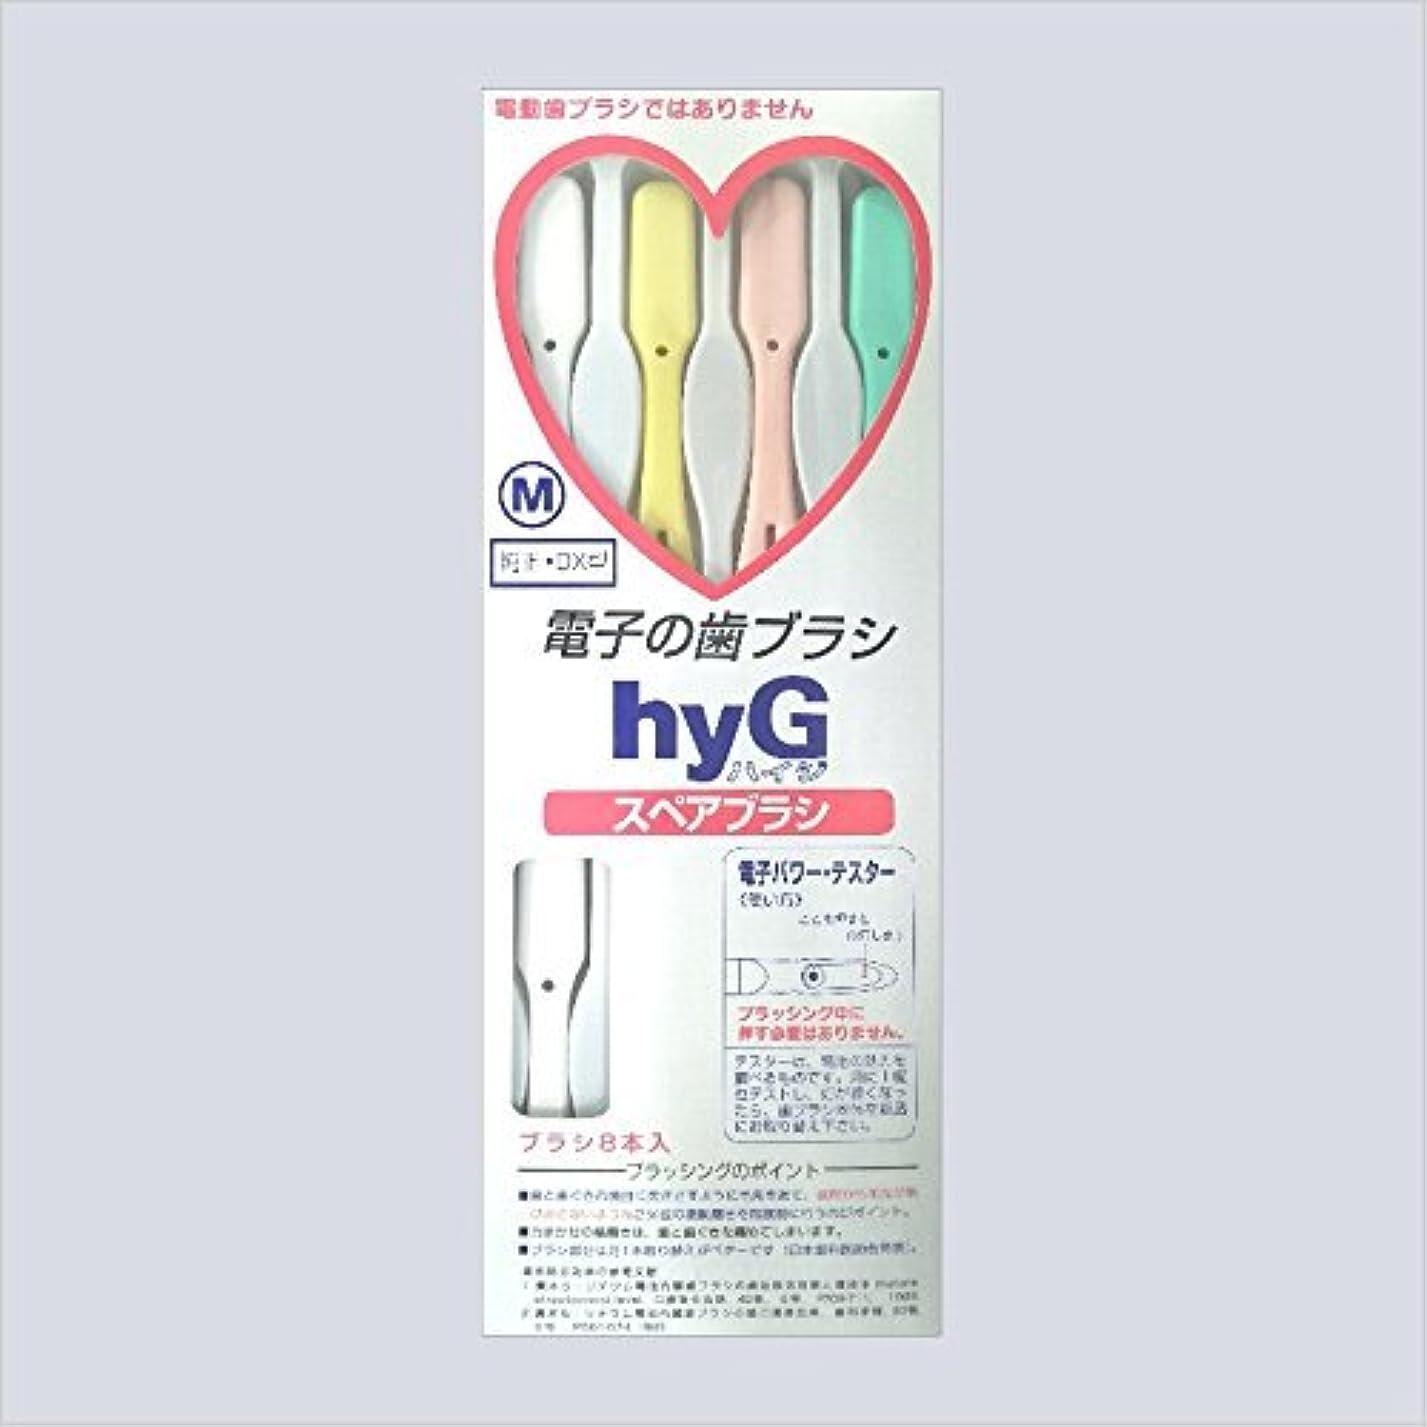 高原エンゲージメントオデュッセウス電子の歯ブラシ ハイジ(hyG)?スペアブラシ <ブラシの硬さ:Mふつう> (※こちらは「スペアブラシ」です )?hyG-DX型